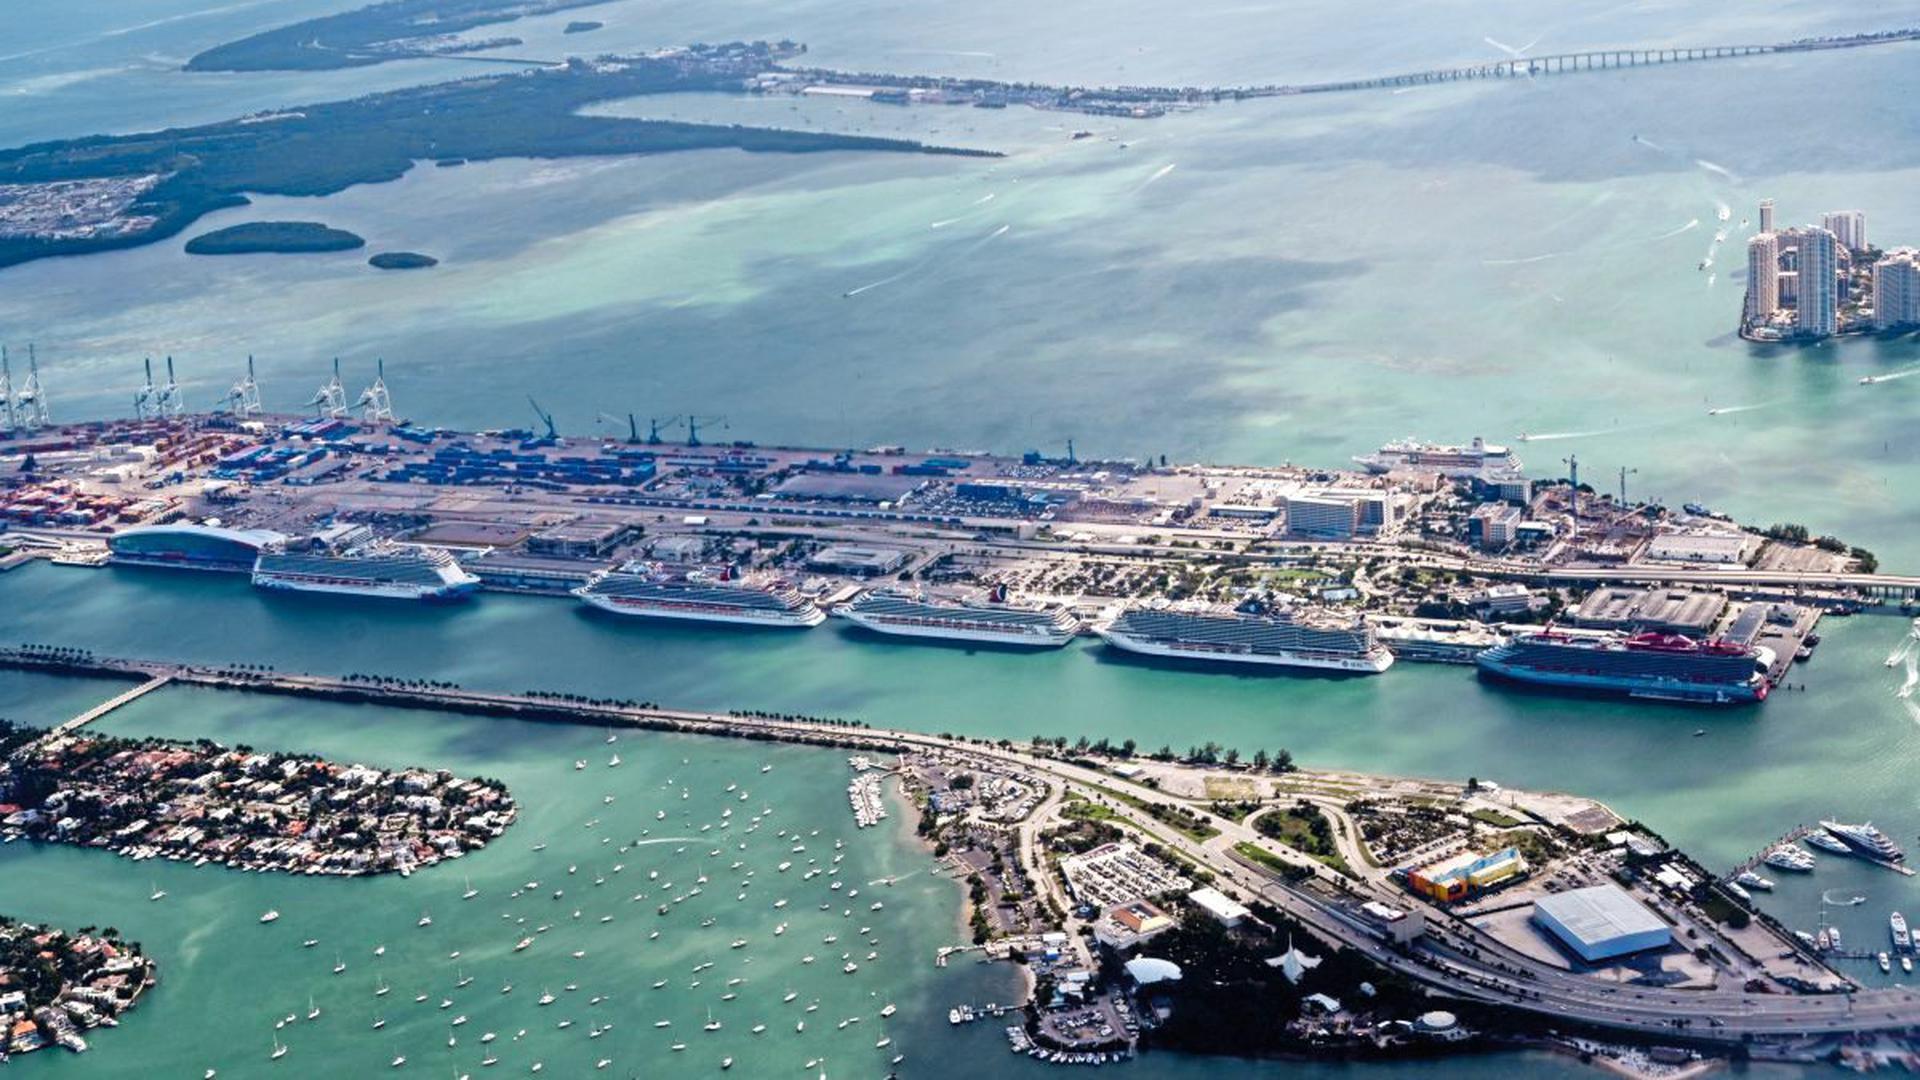 Die Luftaufnahme zeigt gleich mehrere Kreuzfahrtschiffe, die im Hafen von Miami auf ein Ende der Coronakrise warten.